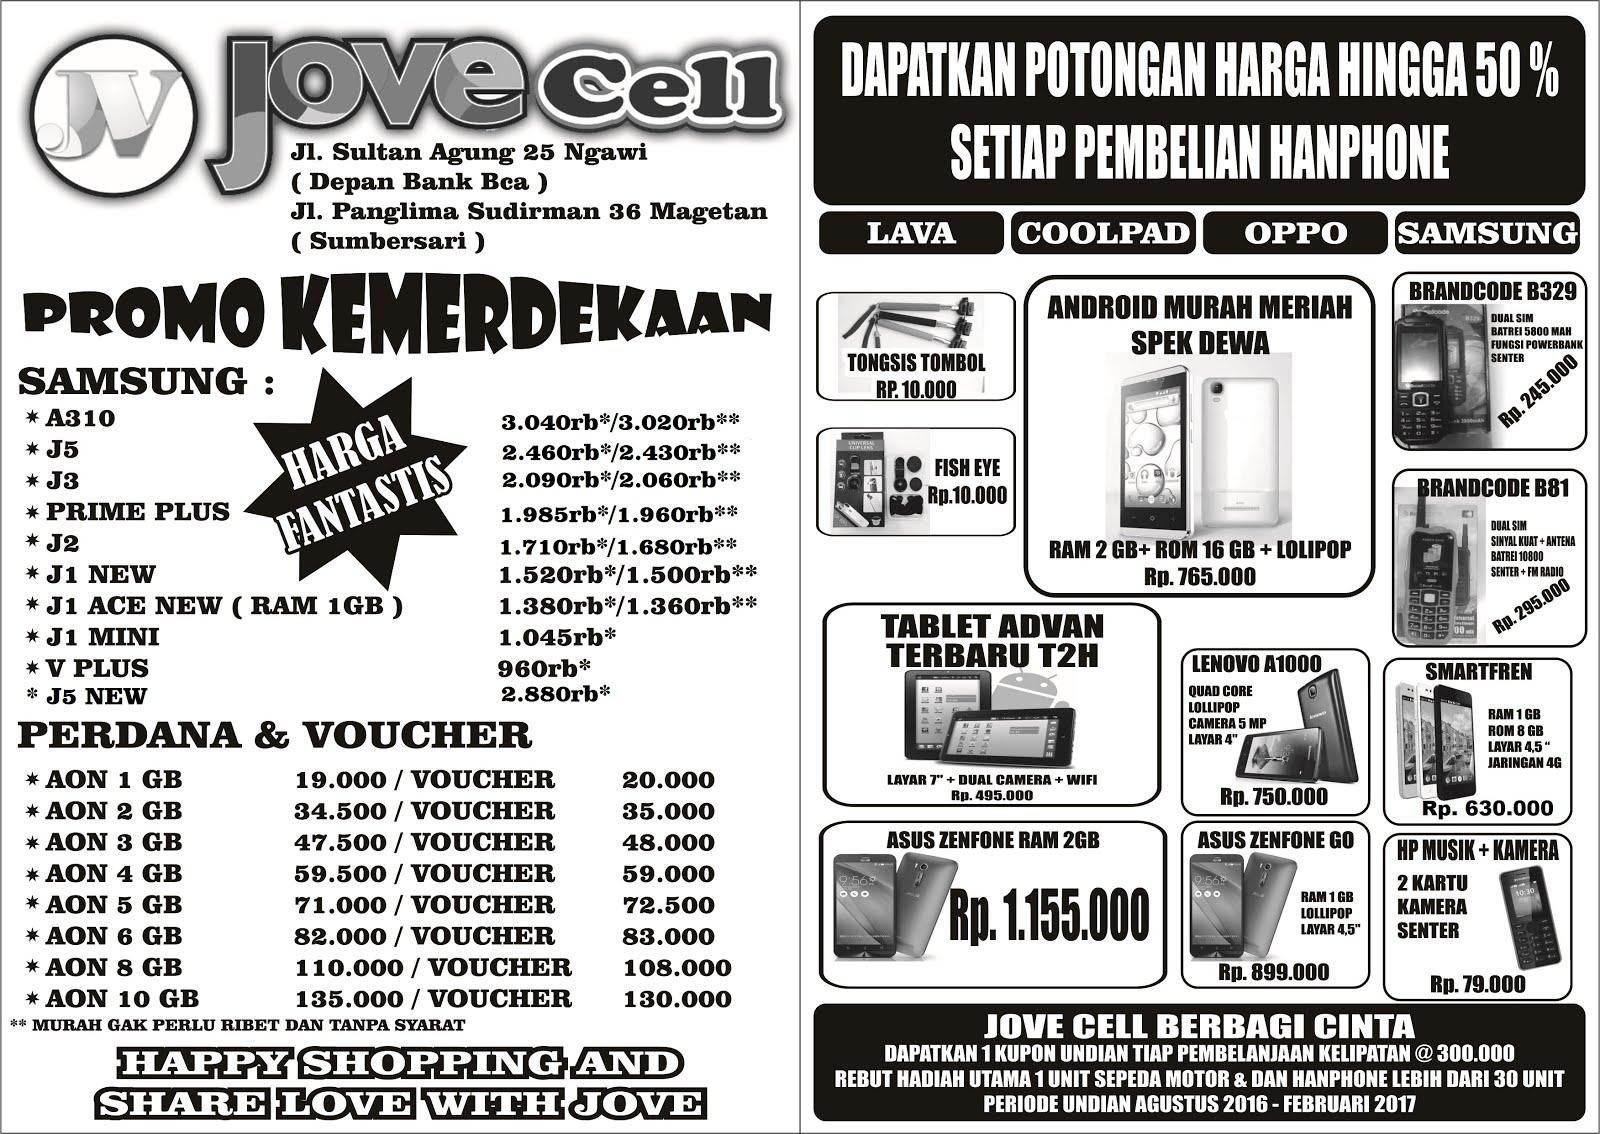 Jovecell Jl Sultan Agung 25 Ngawiarah Psr Besar Sudirman Voucher Aon Promo Baru